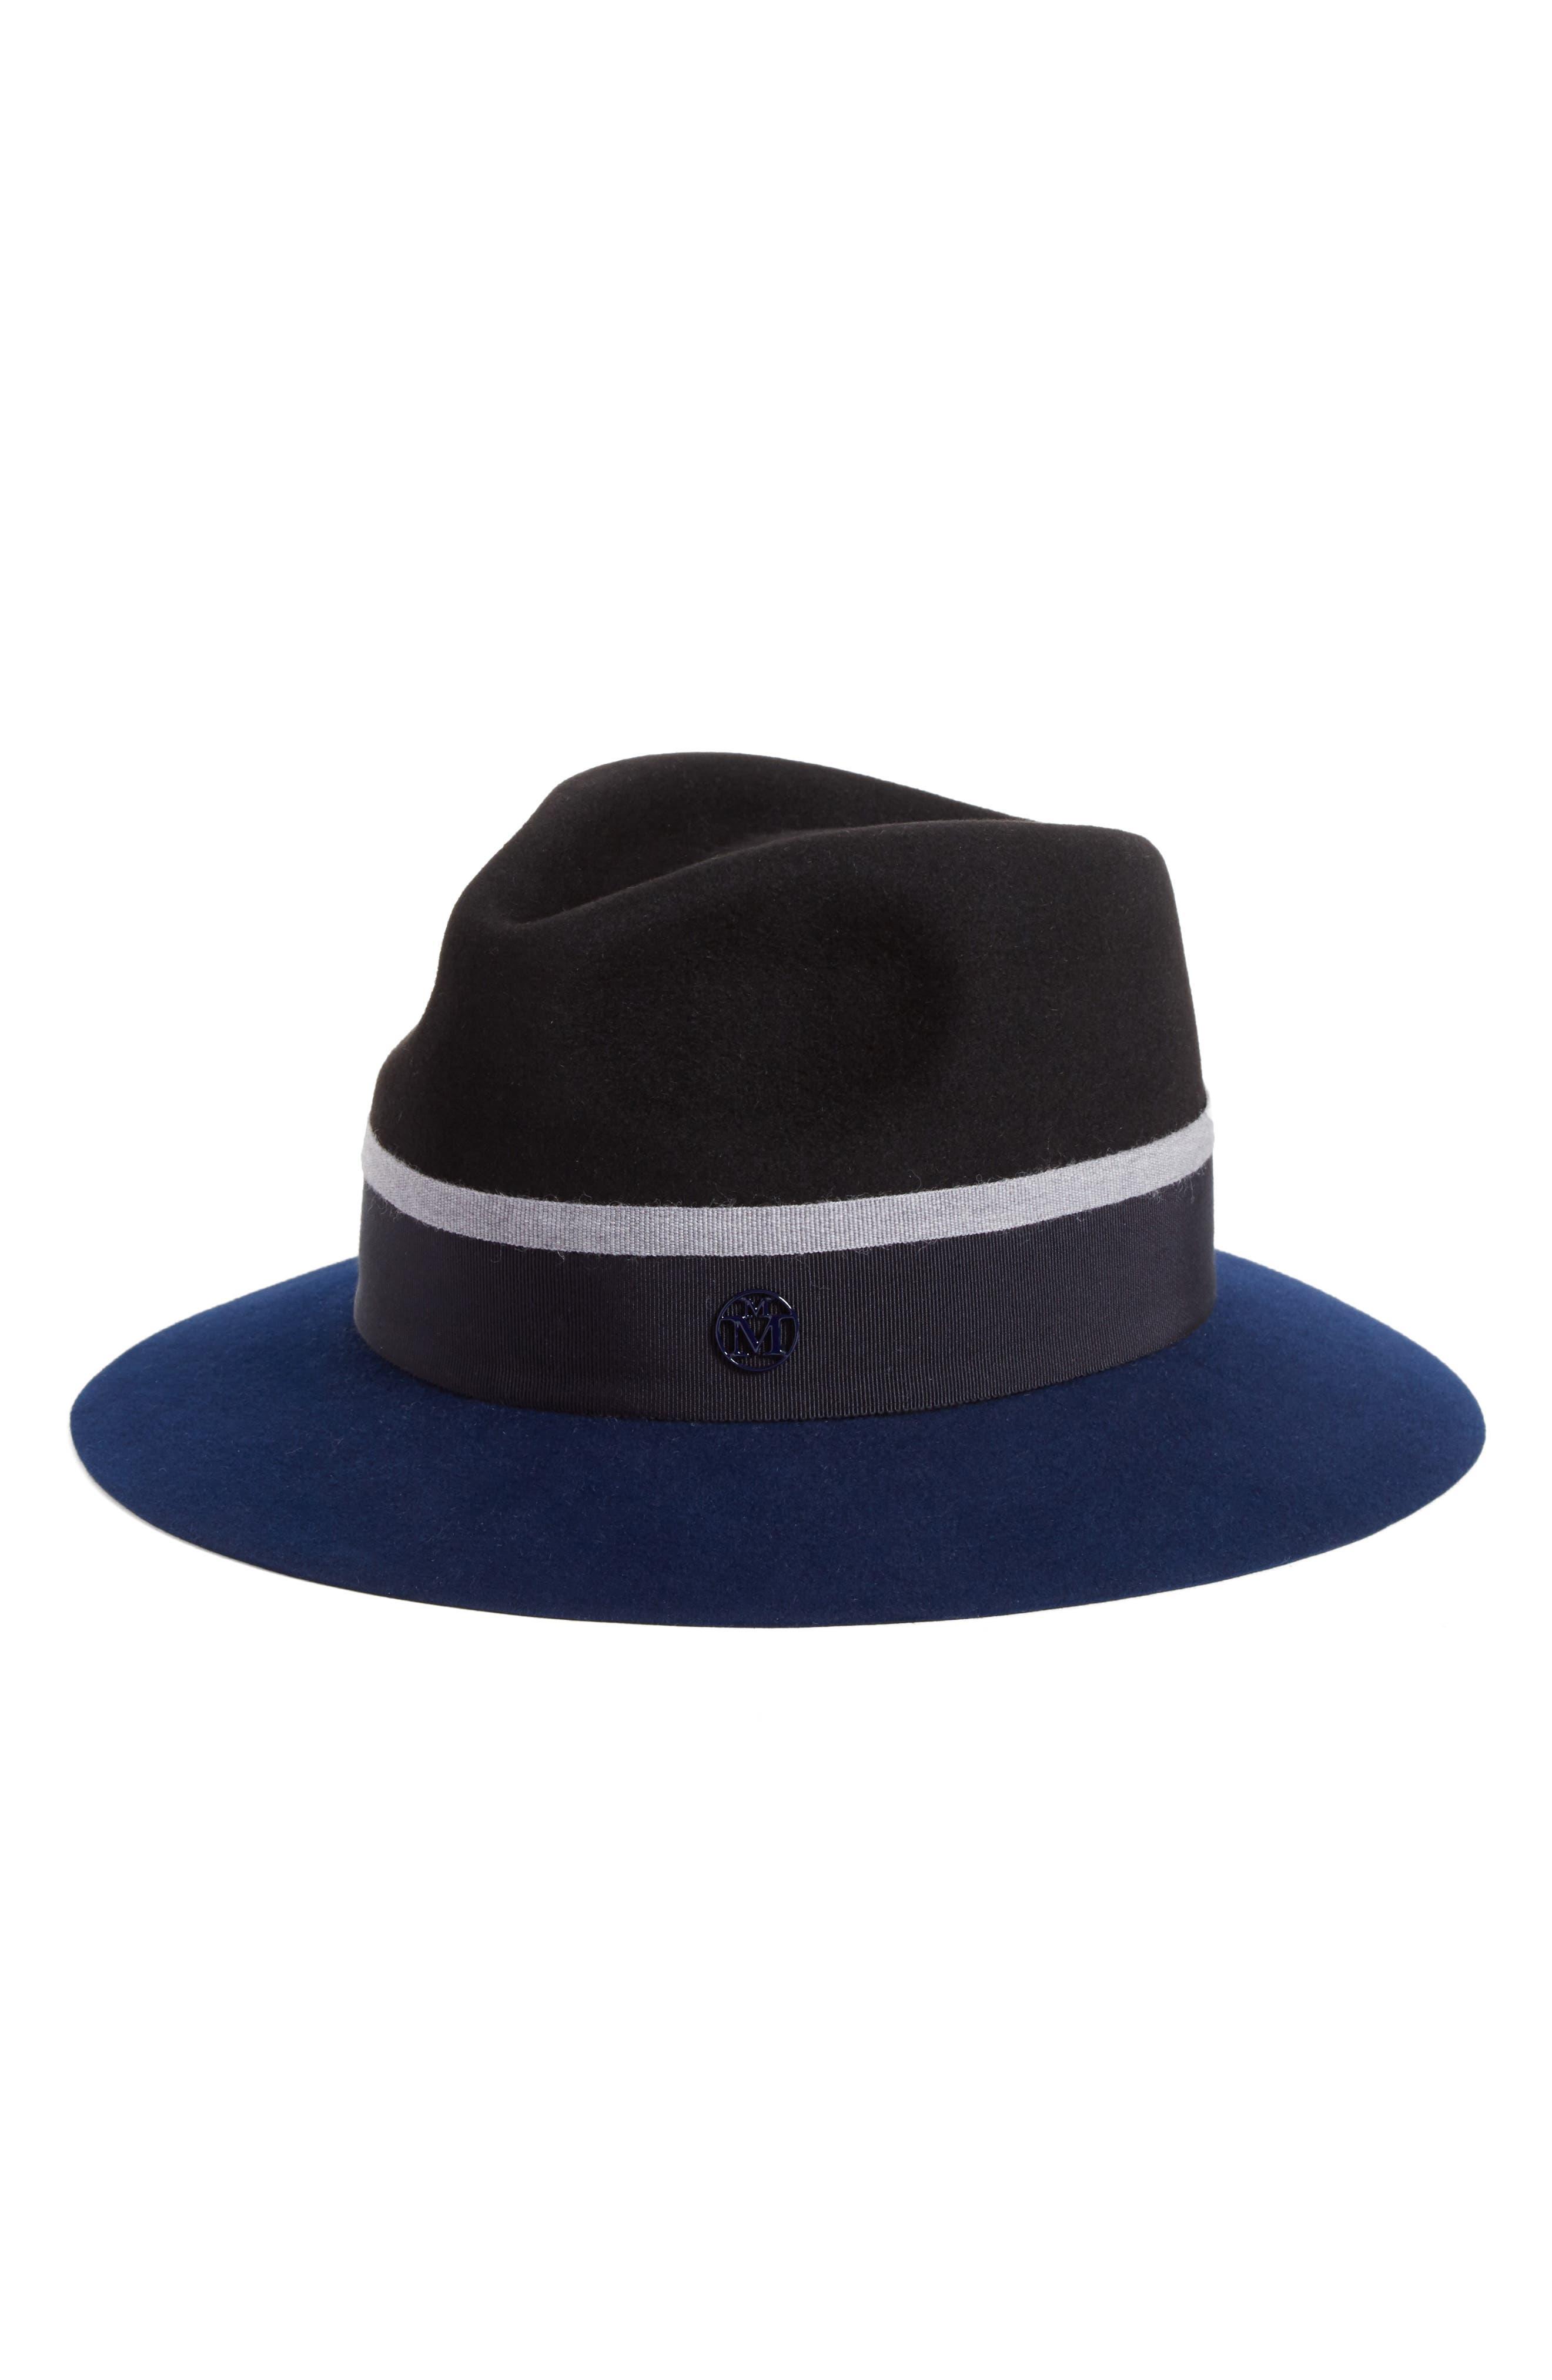 Main Image - Maison Michel Rico Fur Felt Hat